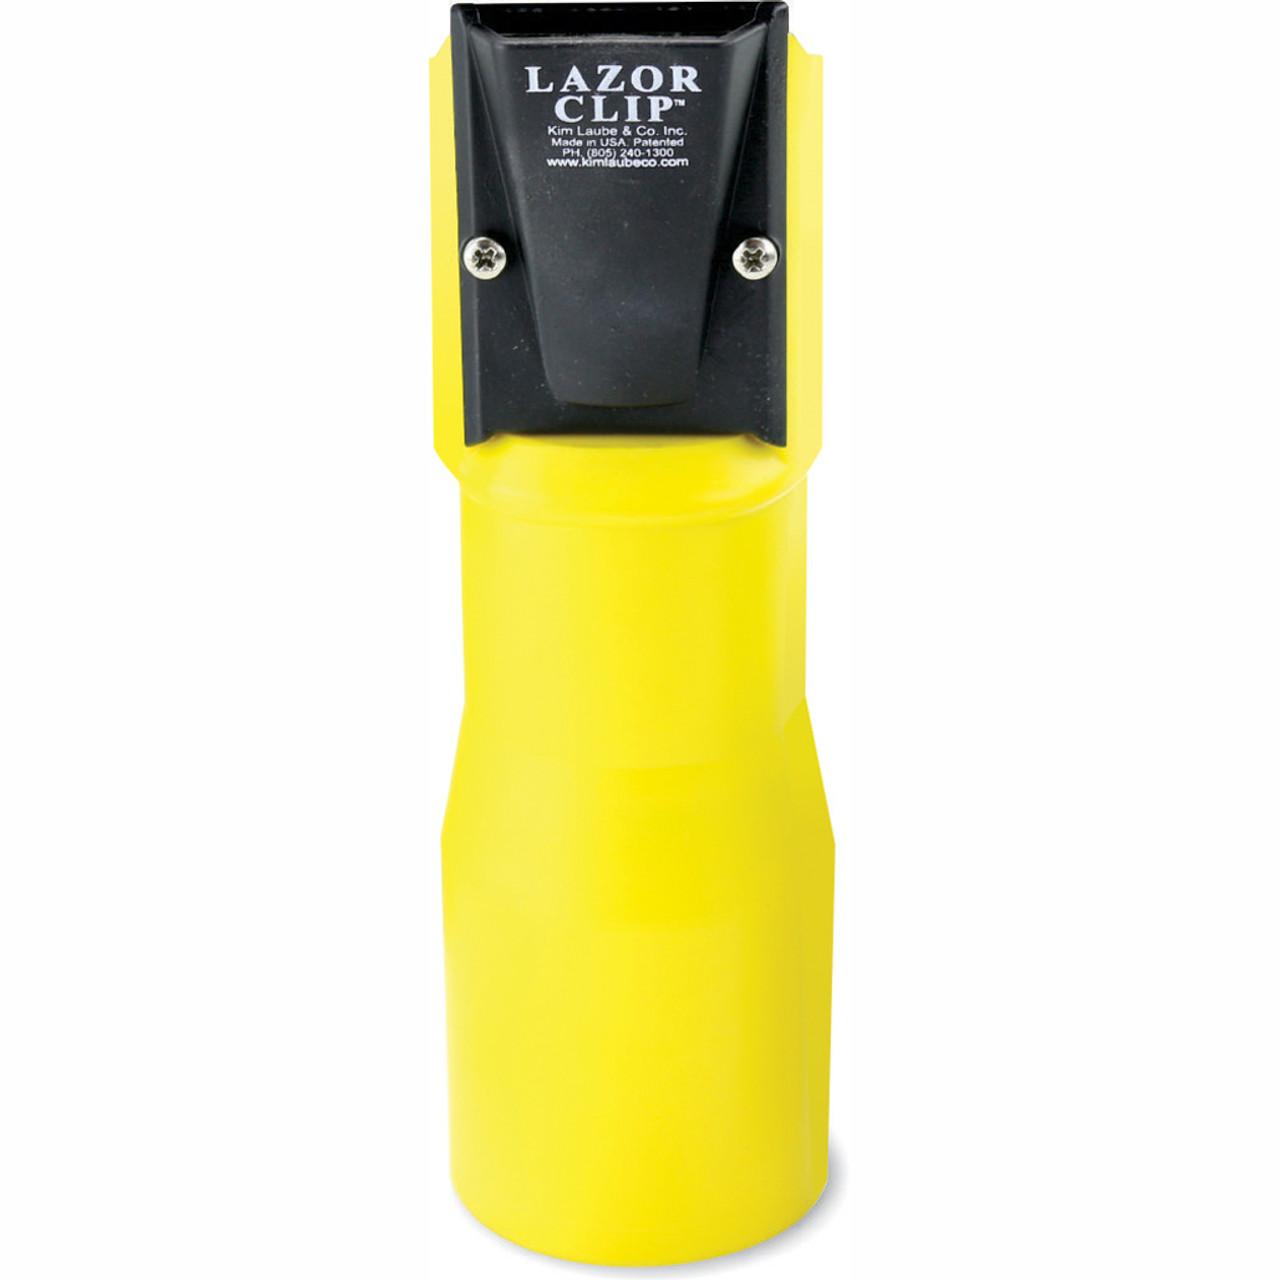 Lazor Clipper Handpiece